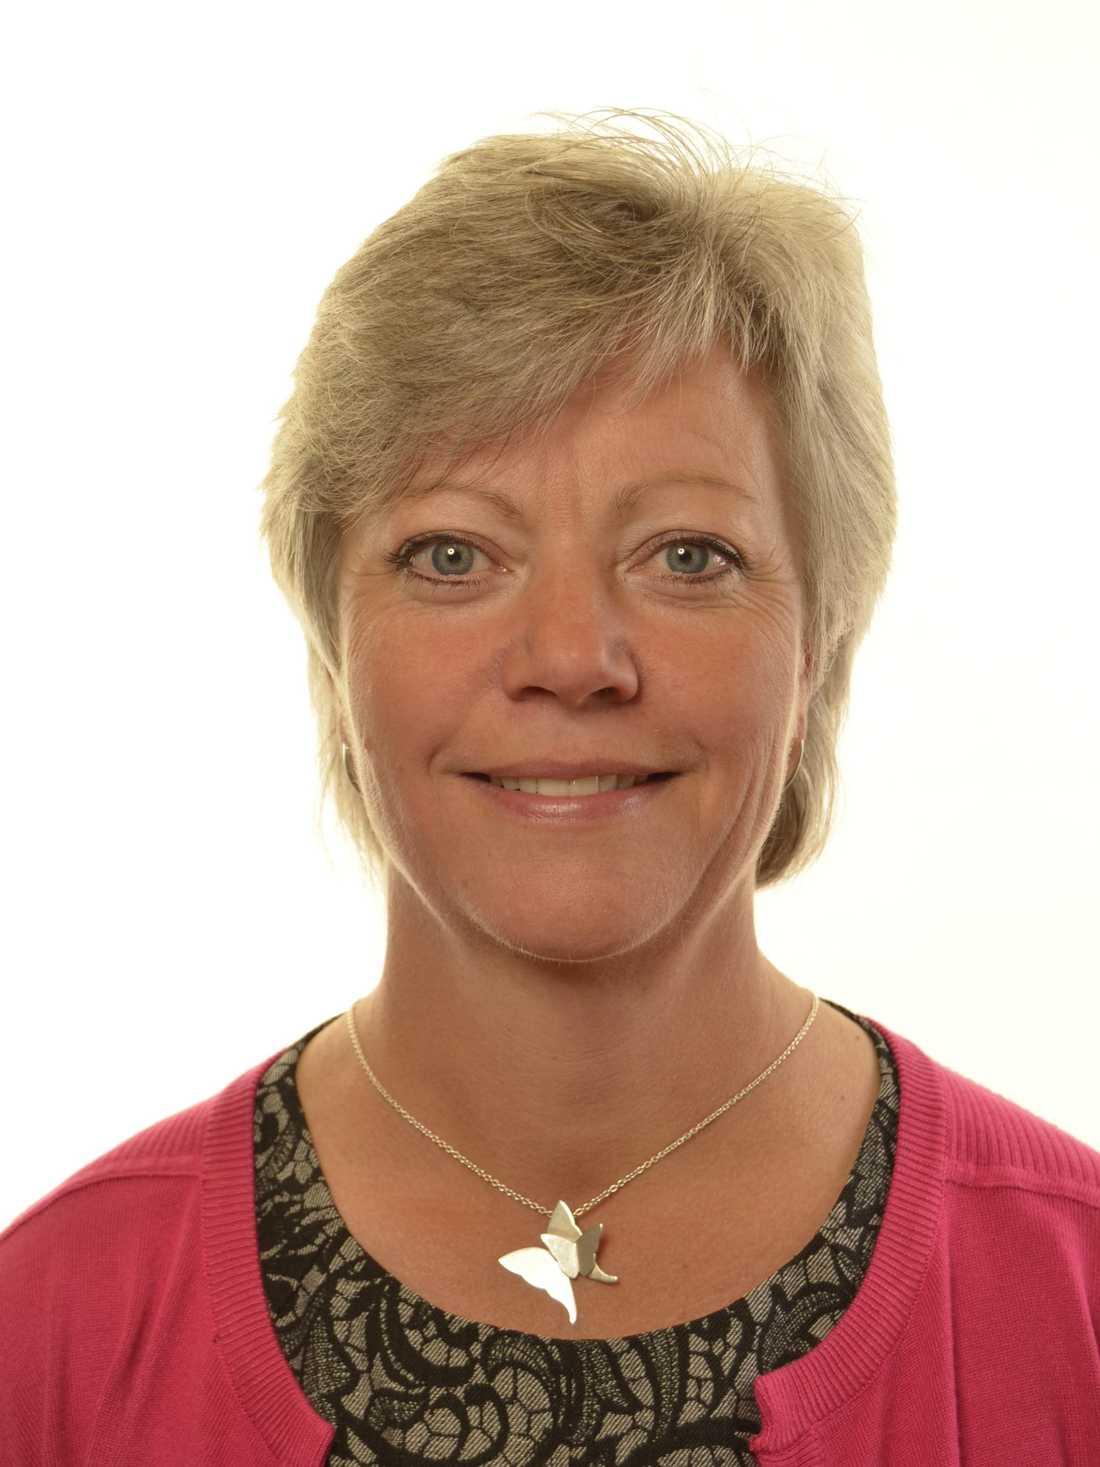 Annika Qarlsson, jämställshetspolitisk talesperson (C).